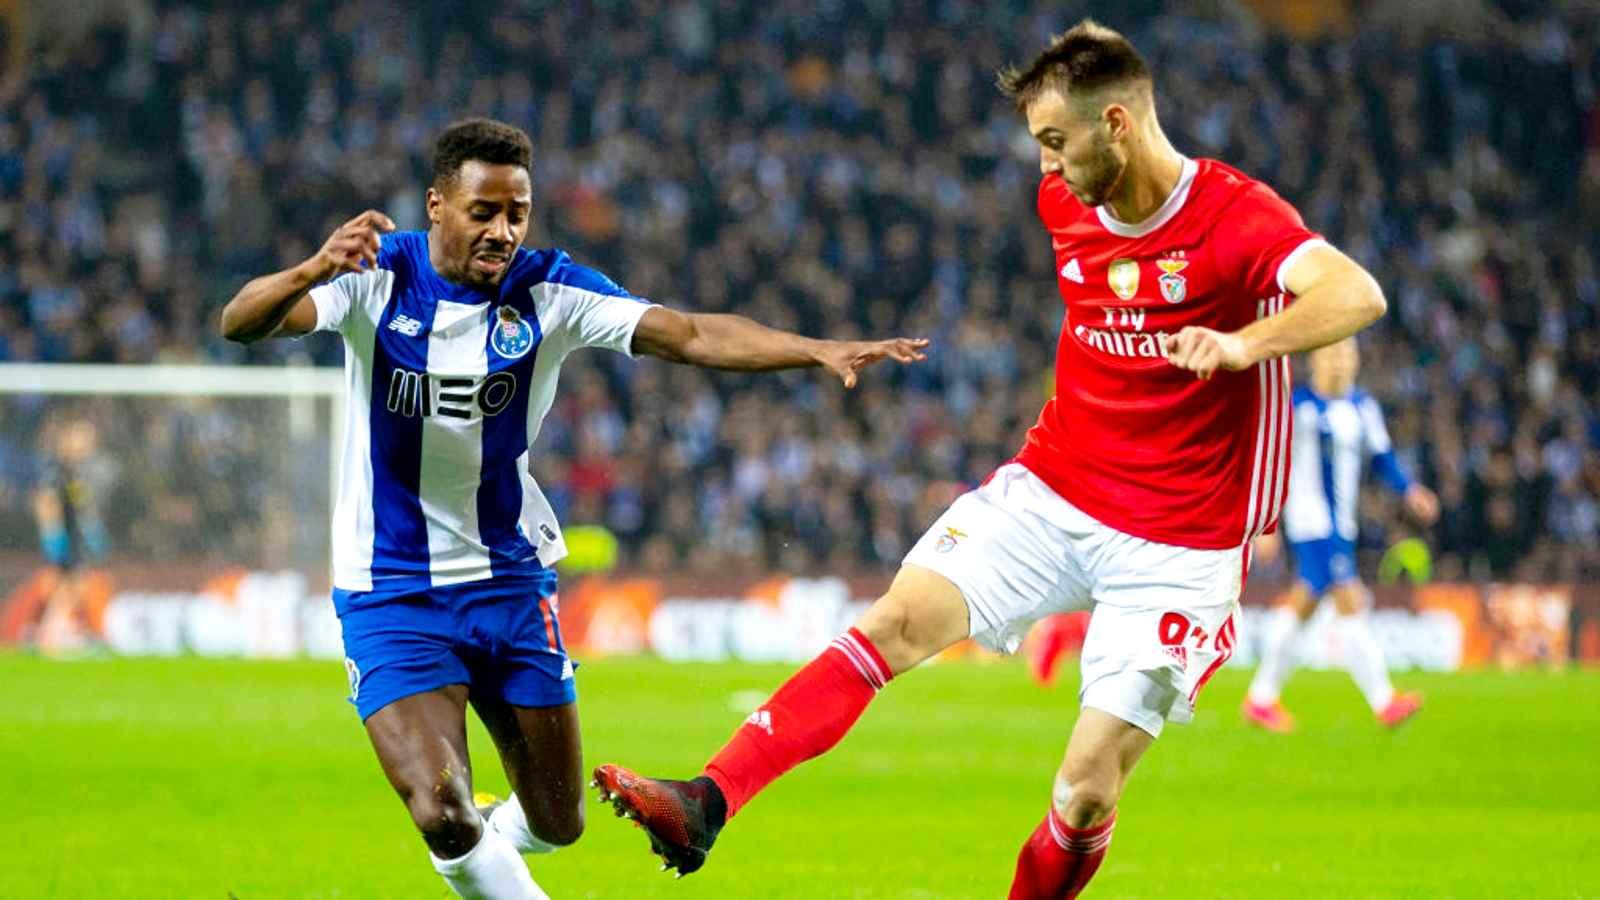 Il Portogallo riparte il 3 giugno, sfida Porto-Benfica